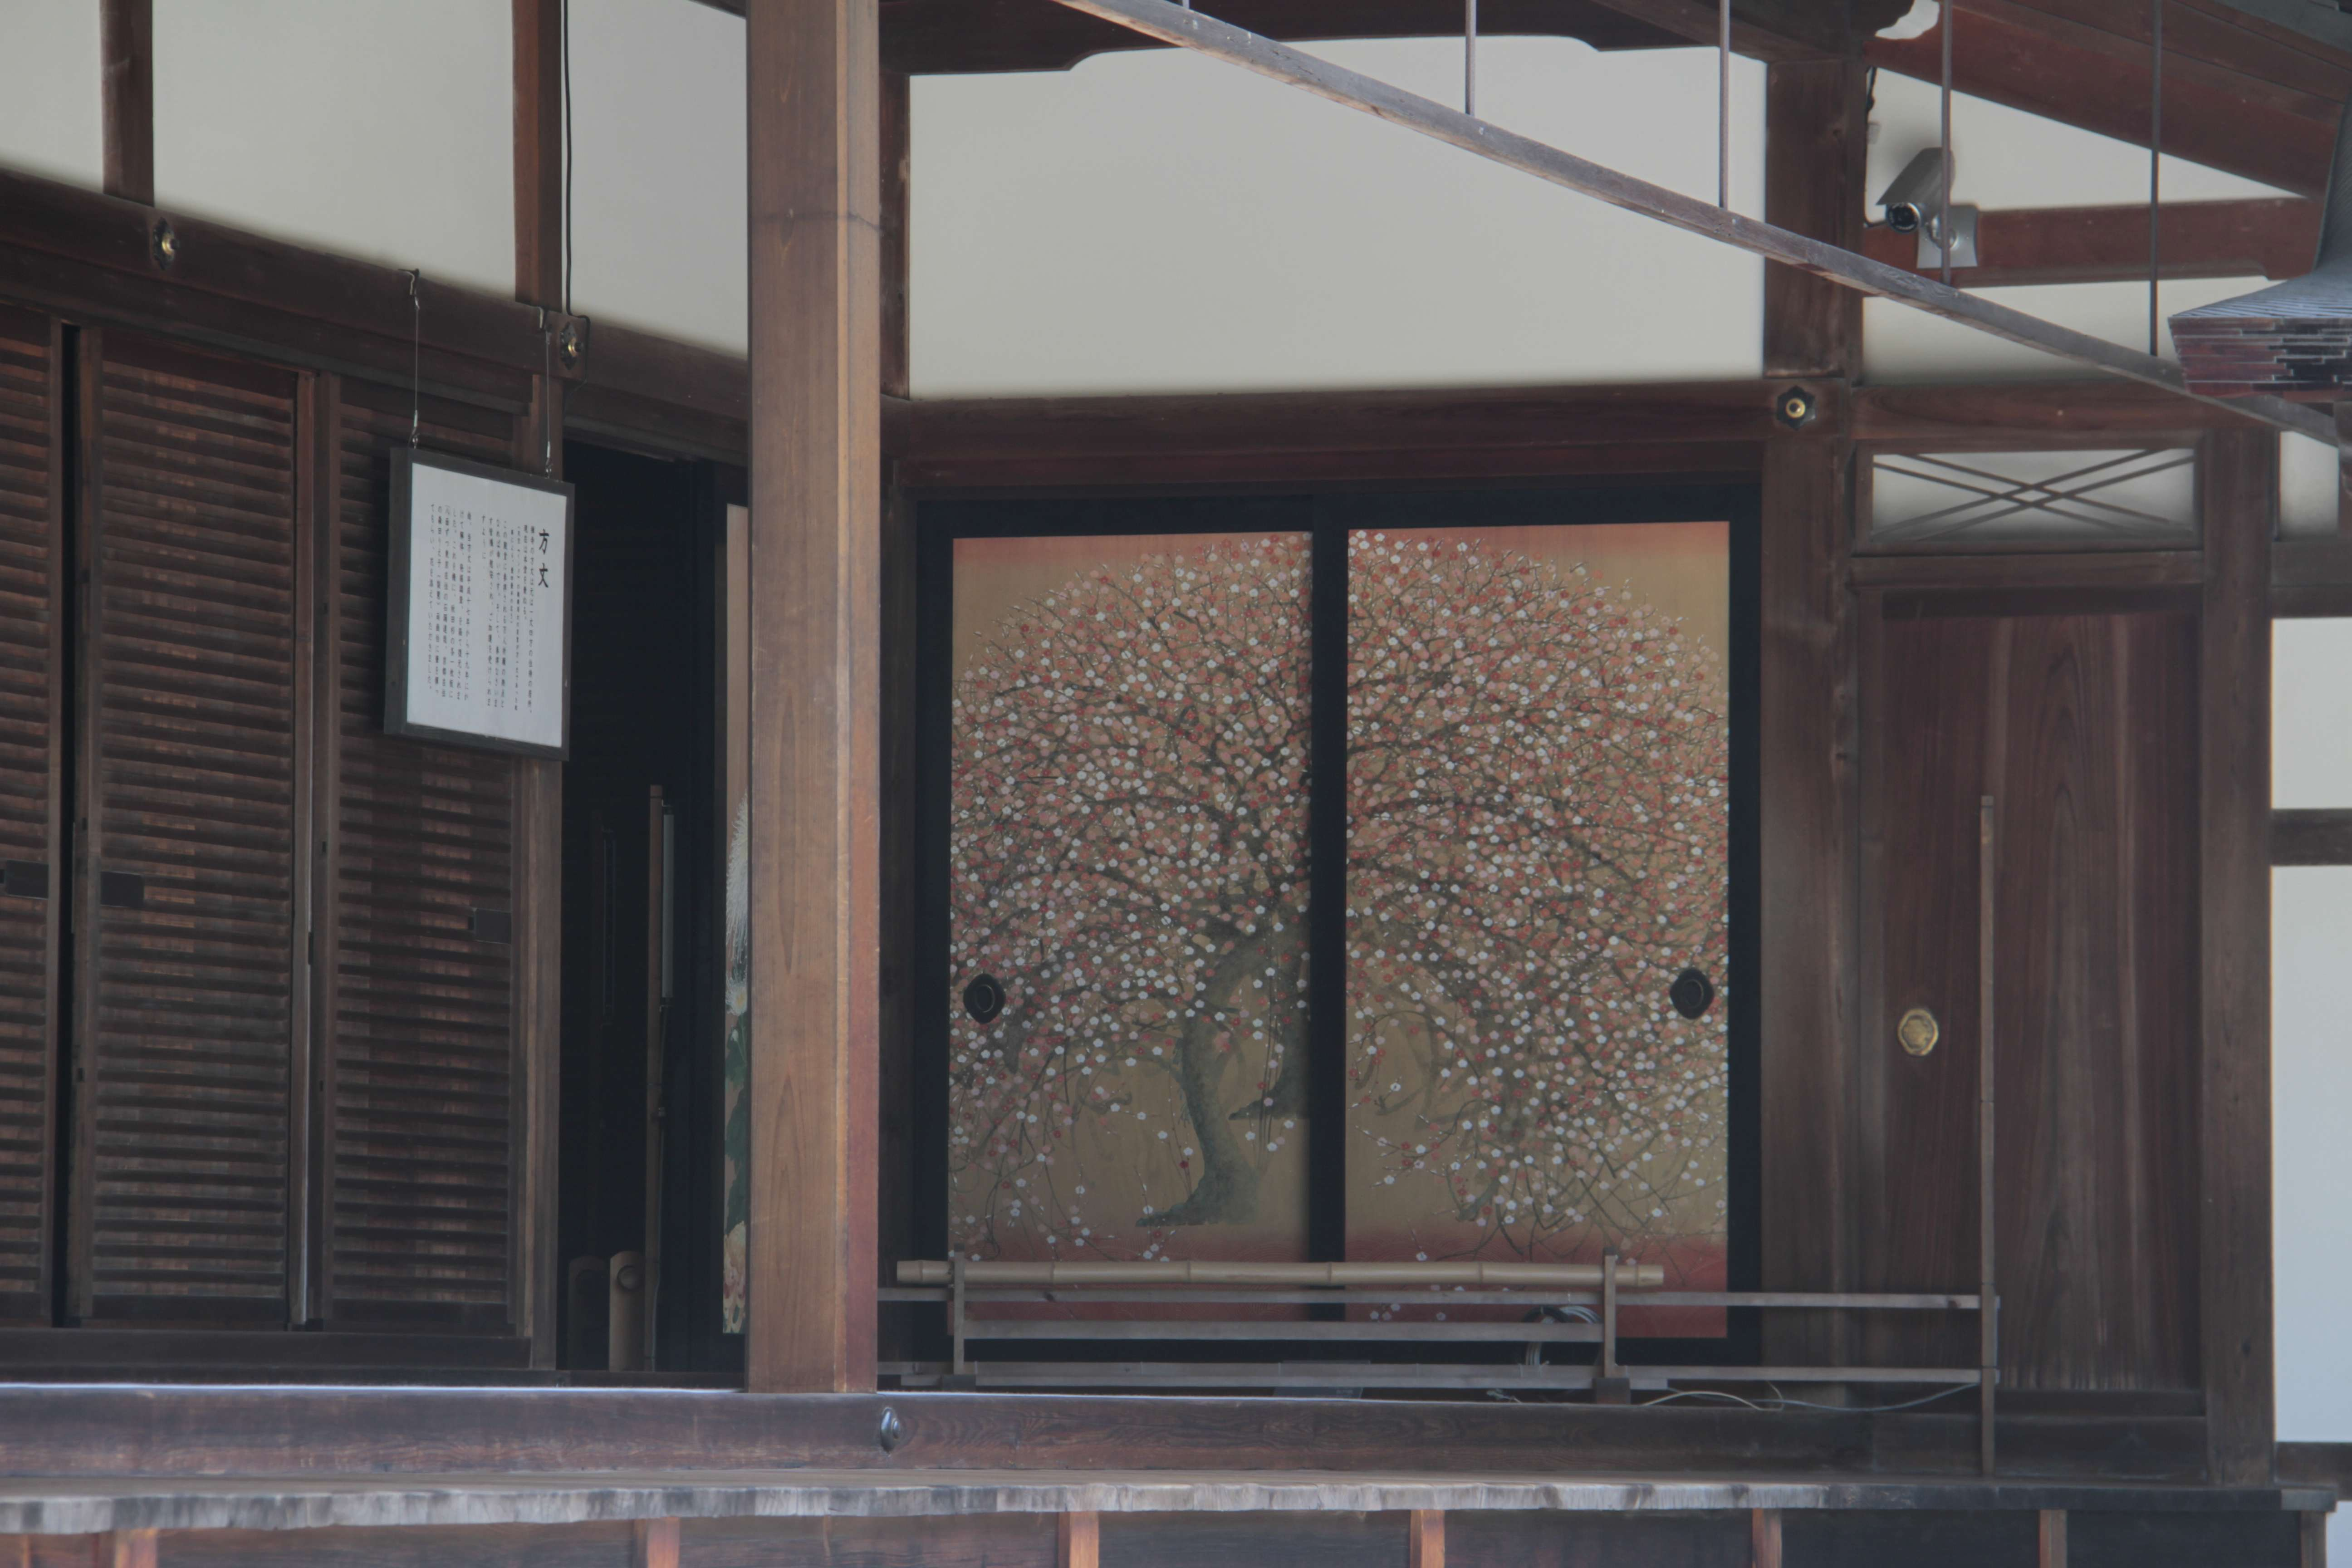 Japon avril 2017_0814 Kyoto Kinkaku Ji dit Pavillon dore